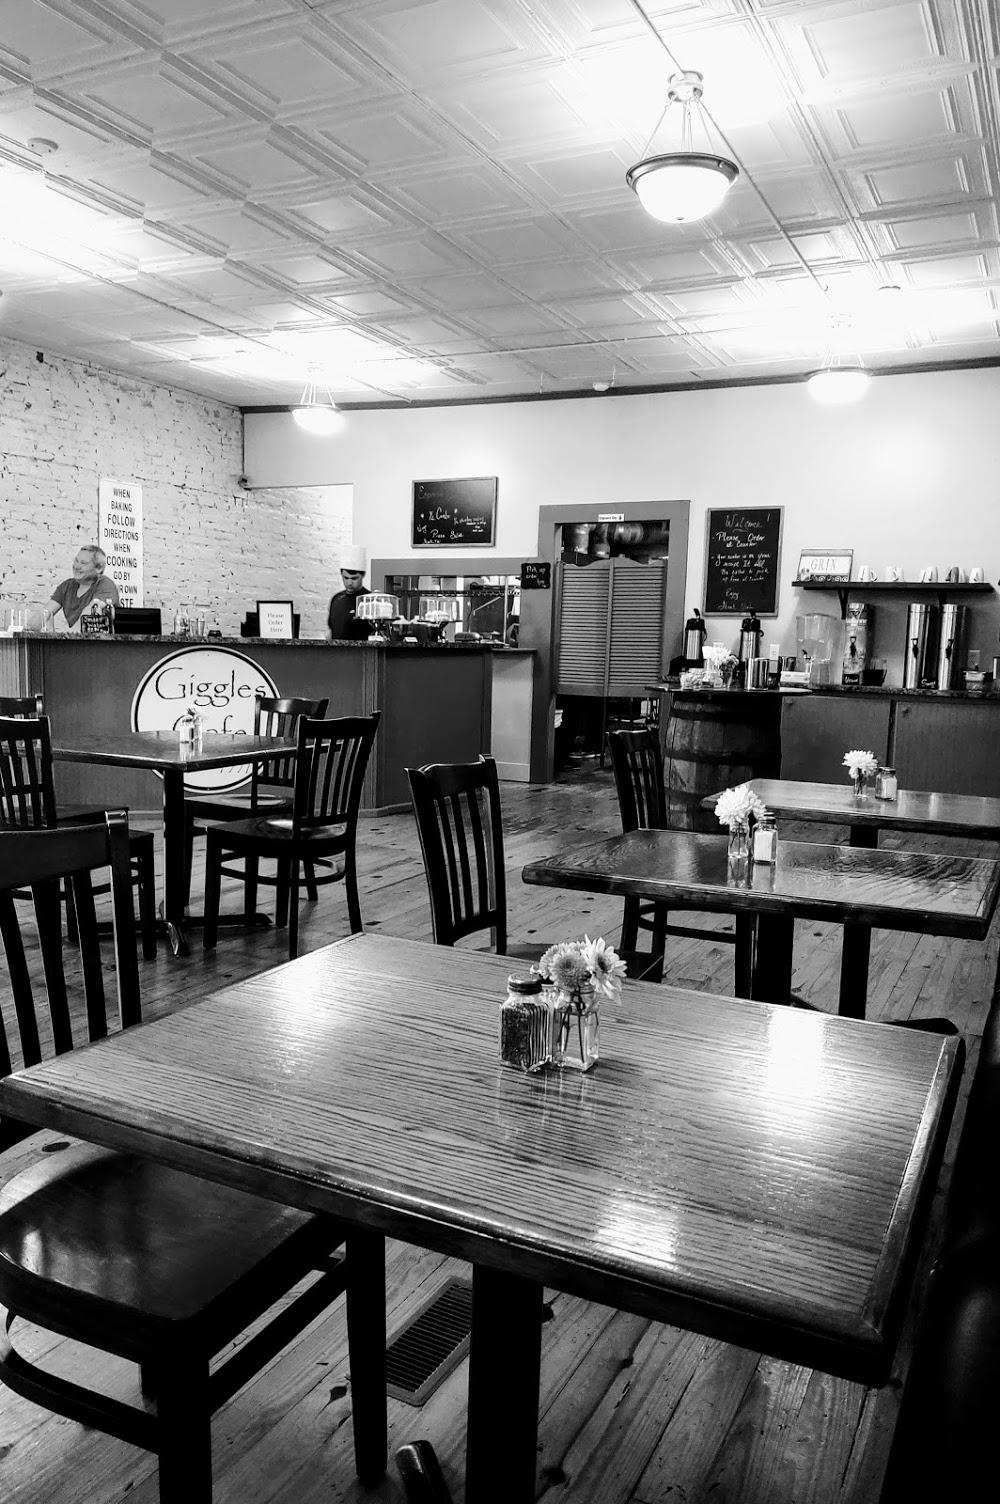 Giggles Cafe